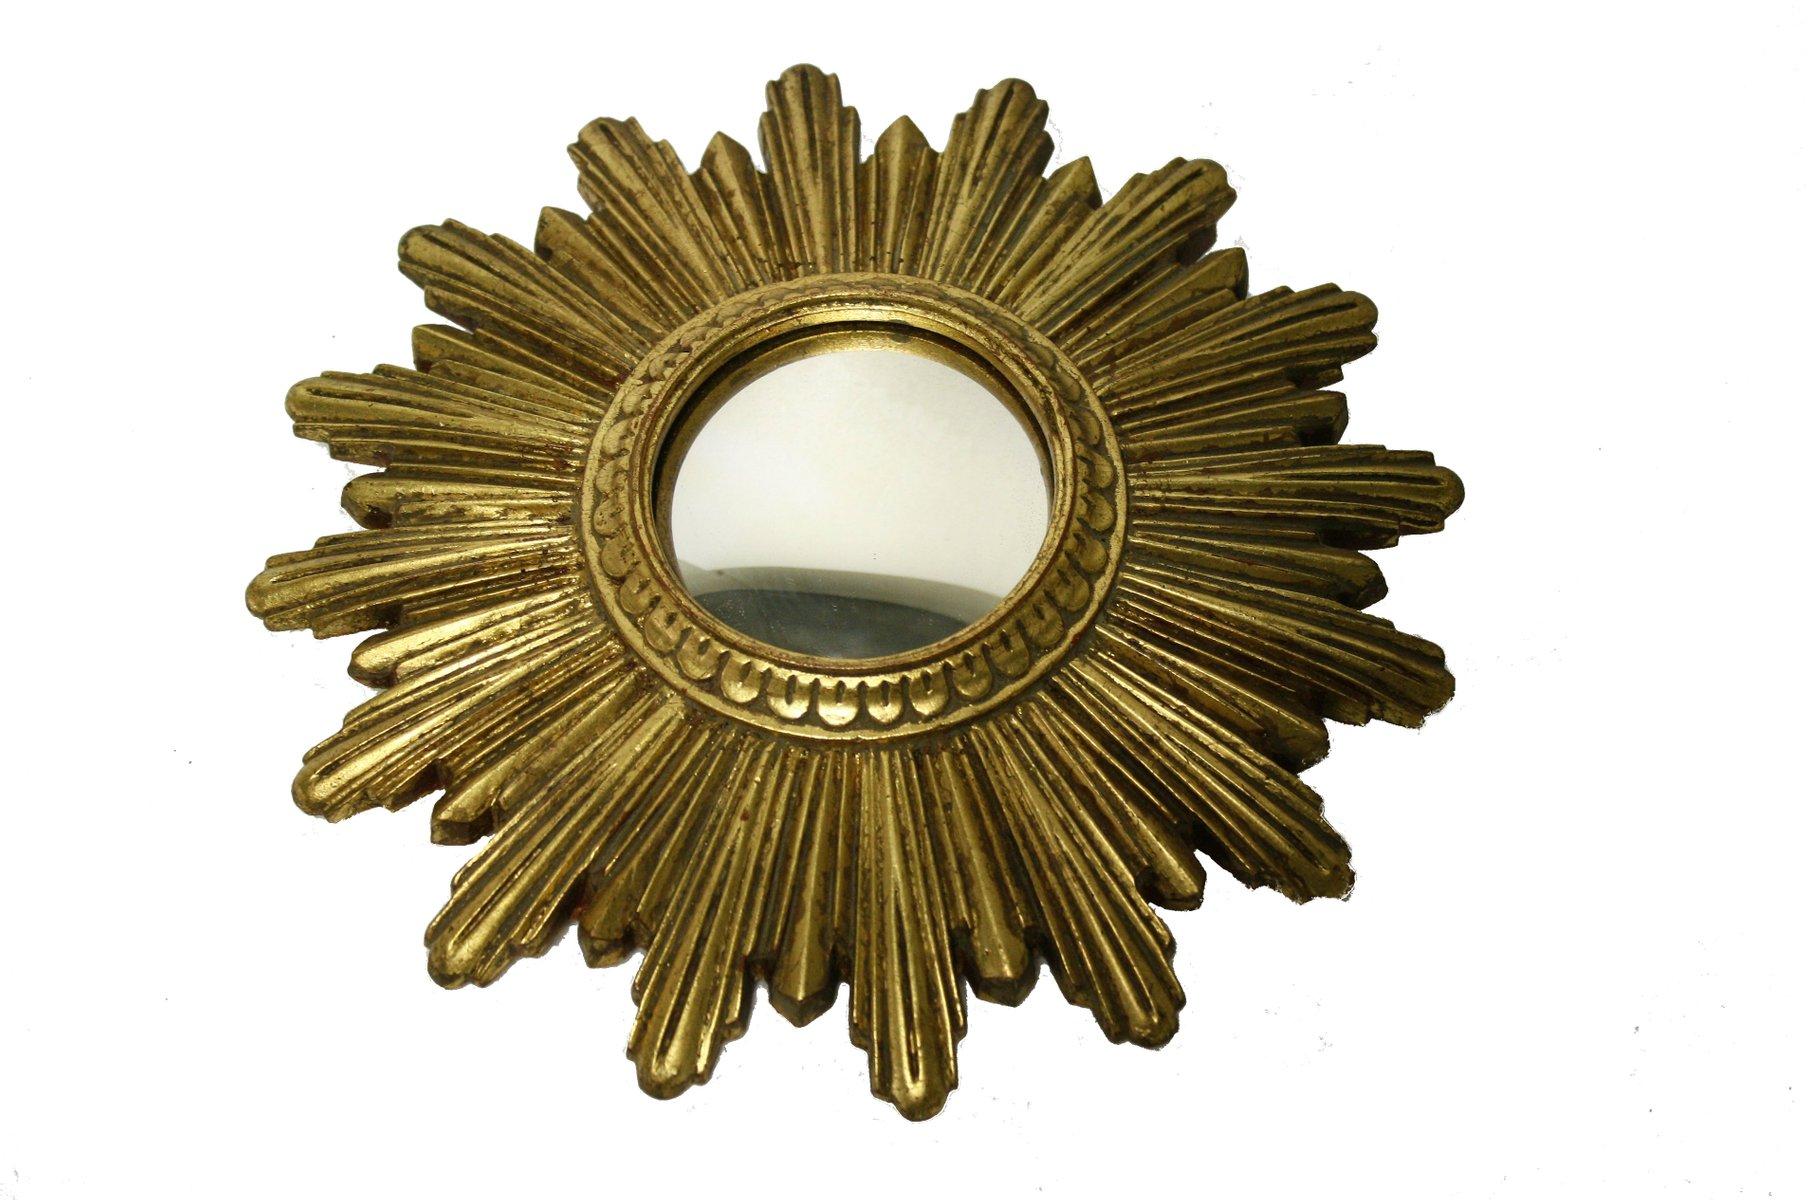 Specchio piccolo dorato a forma di sole anni 39 60 in vendita su pamono - Specchio a forma di sole ...